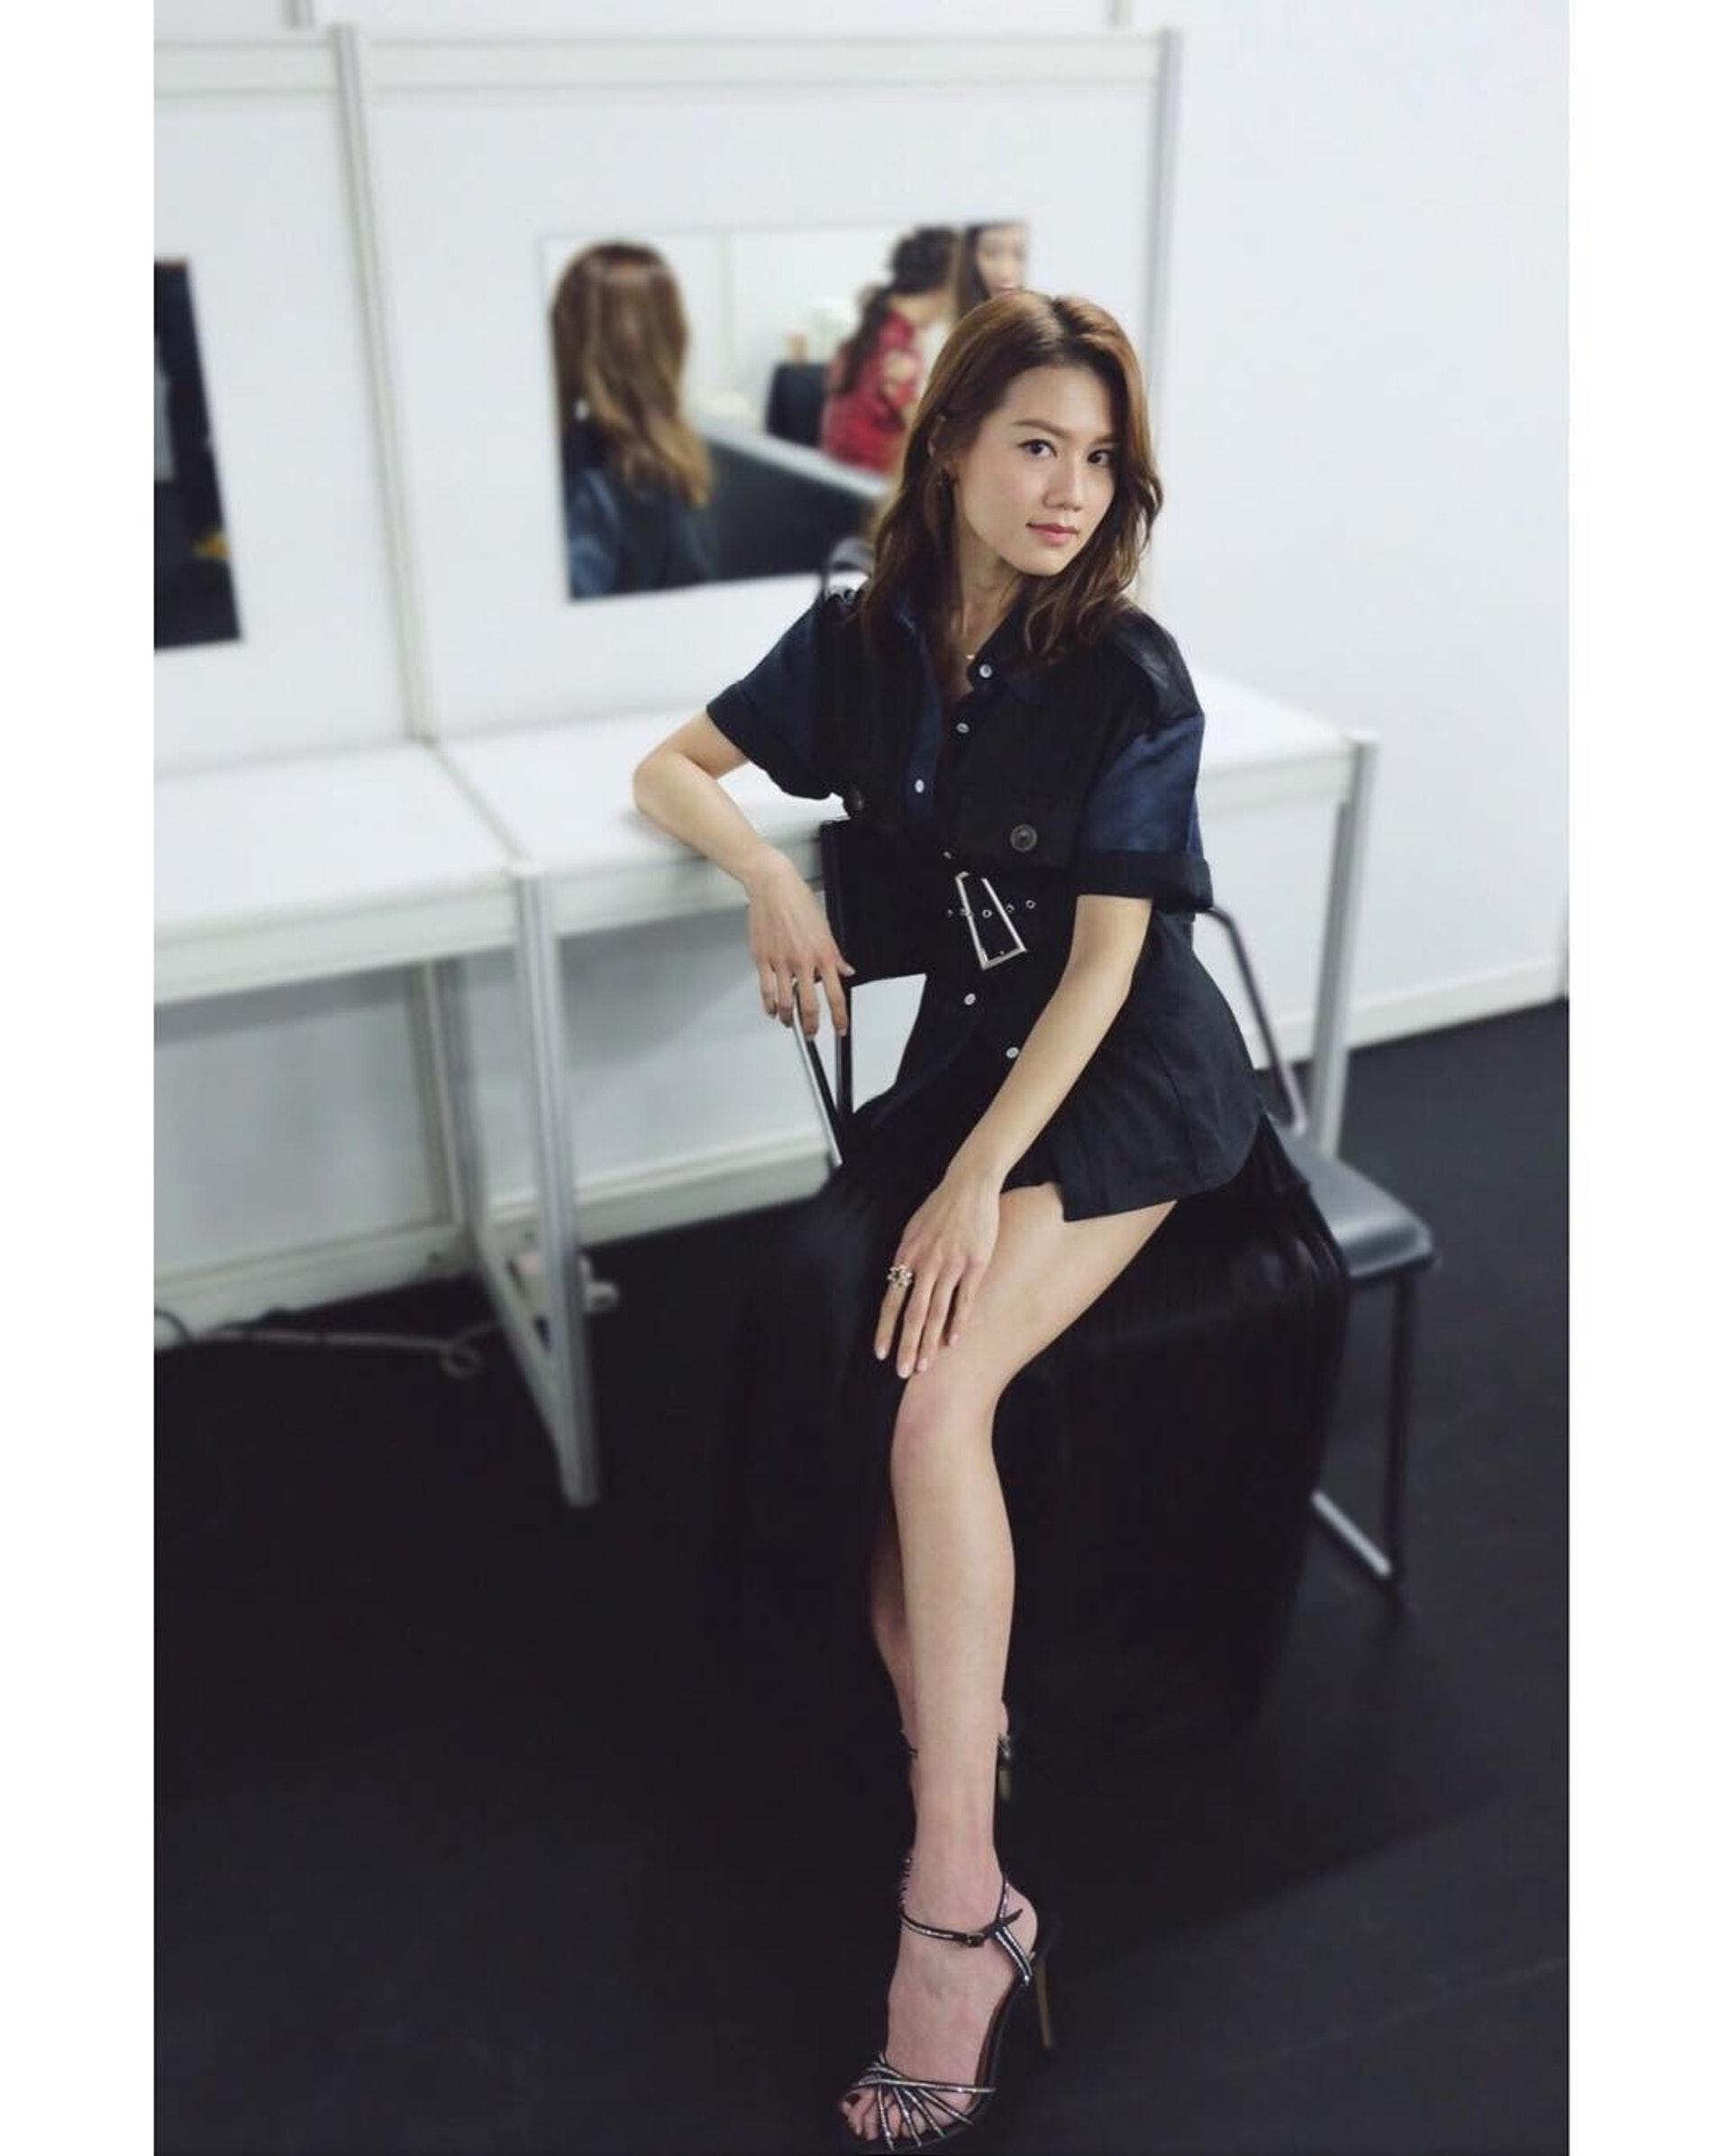 現在娜姐已經成為香港電影的常規女主角,絕對是靠自己創出一片天。(IG圖片)